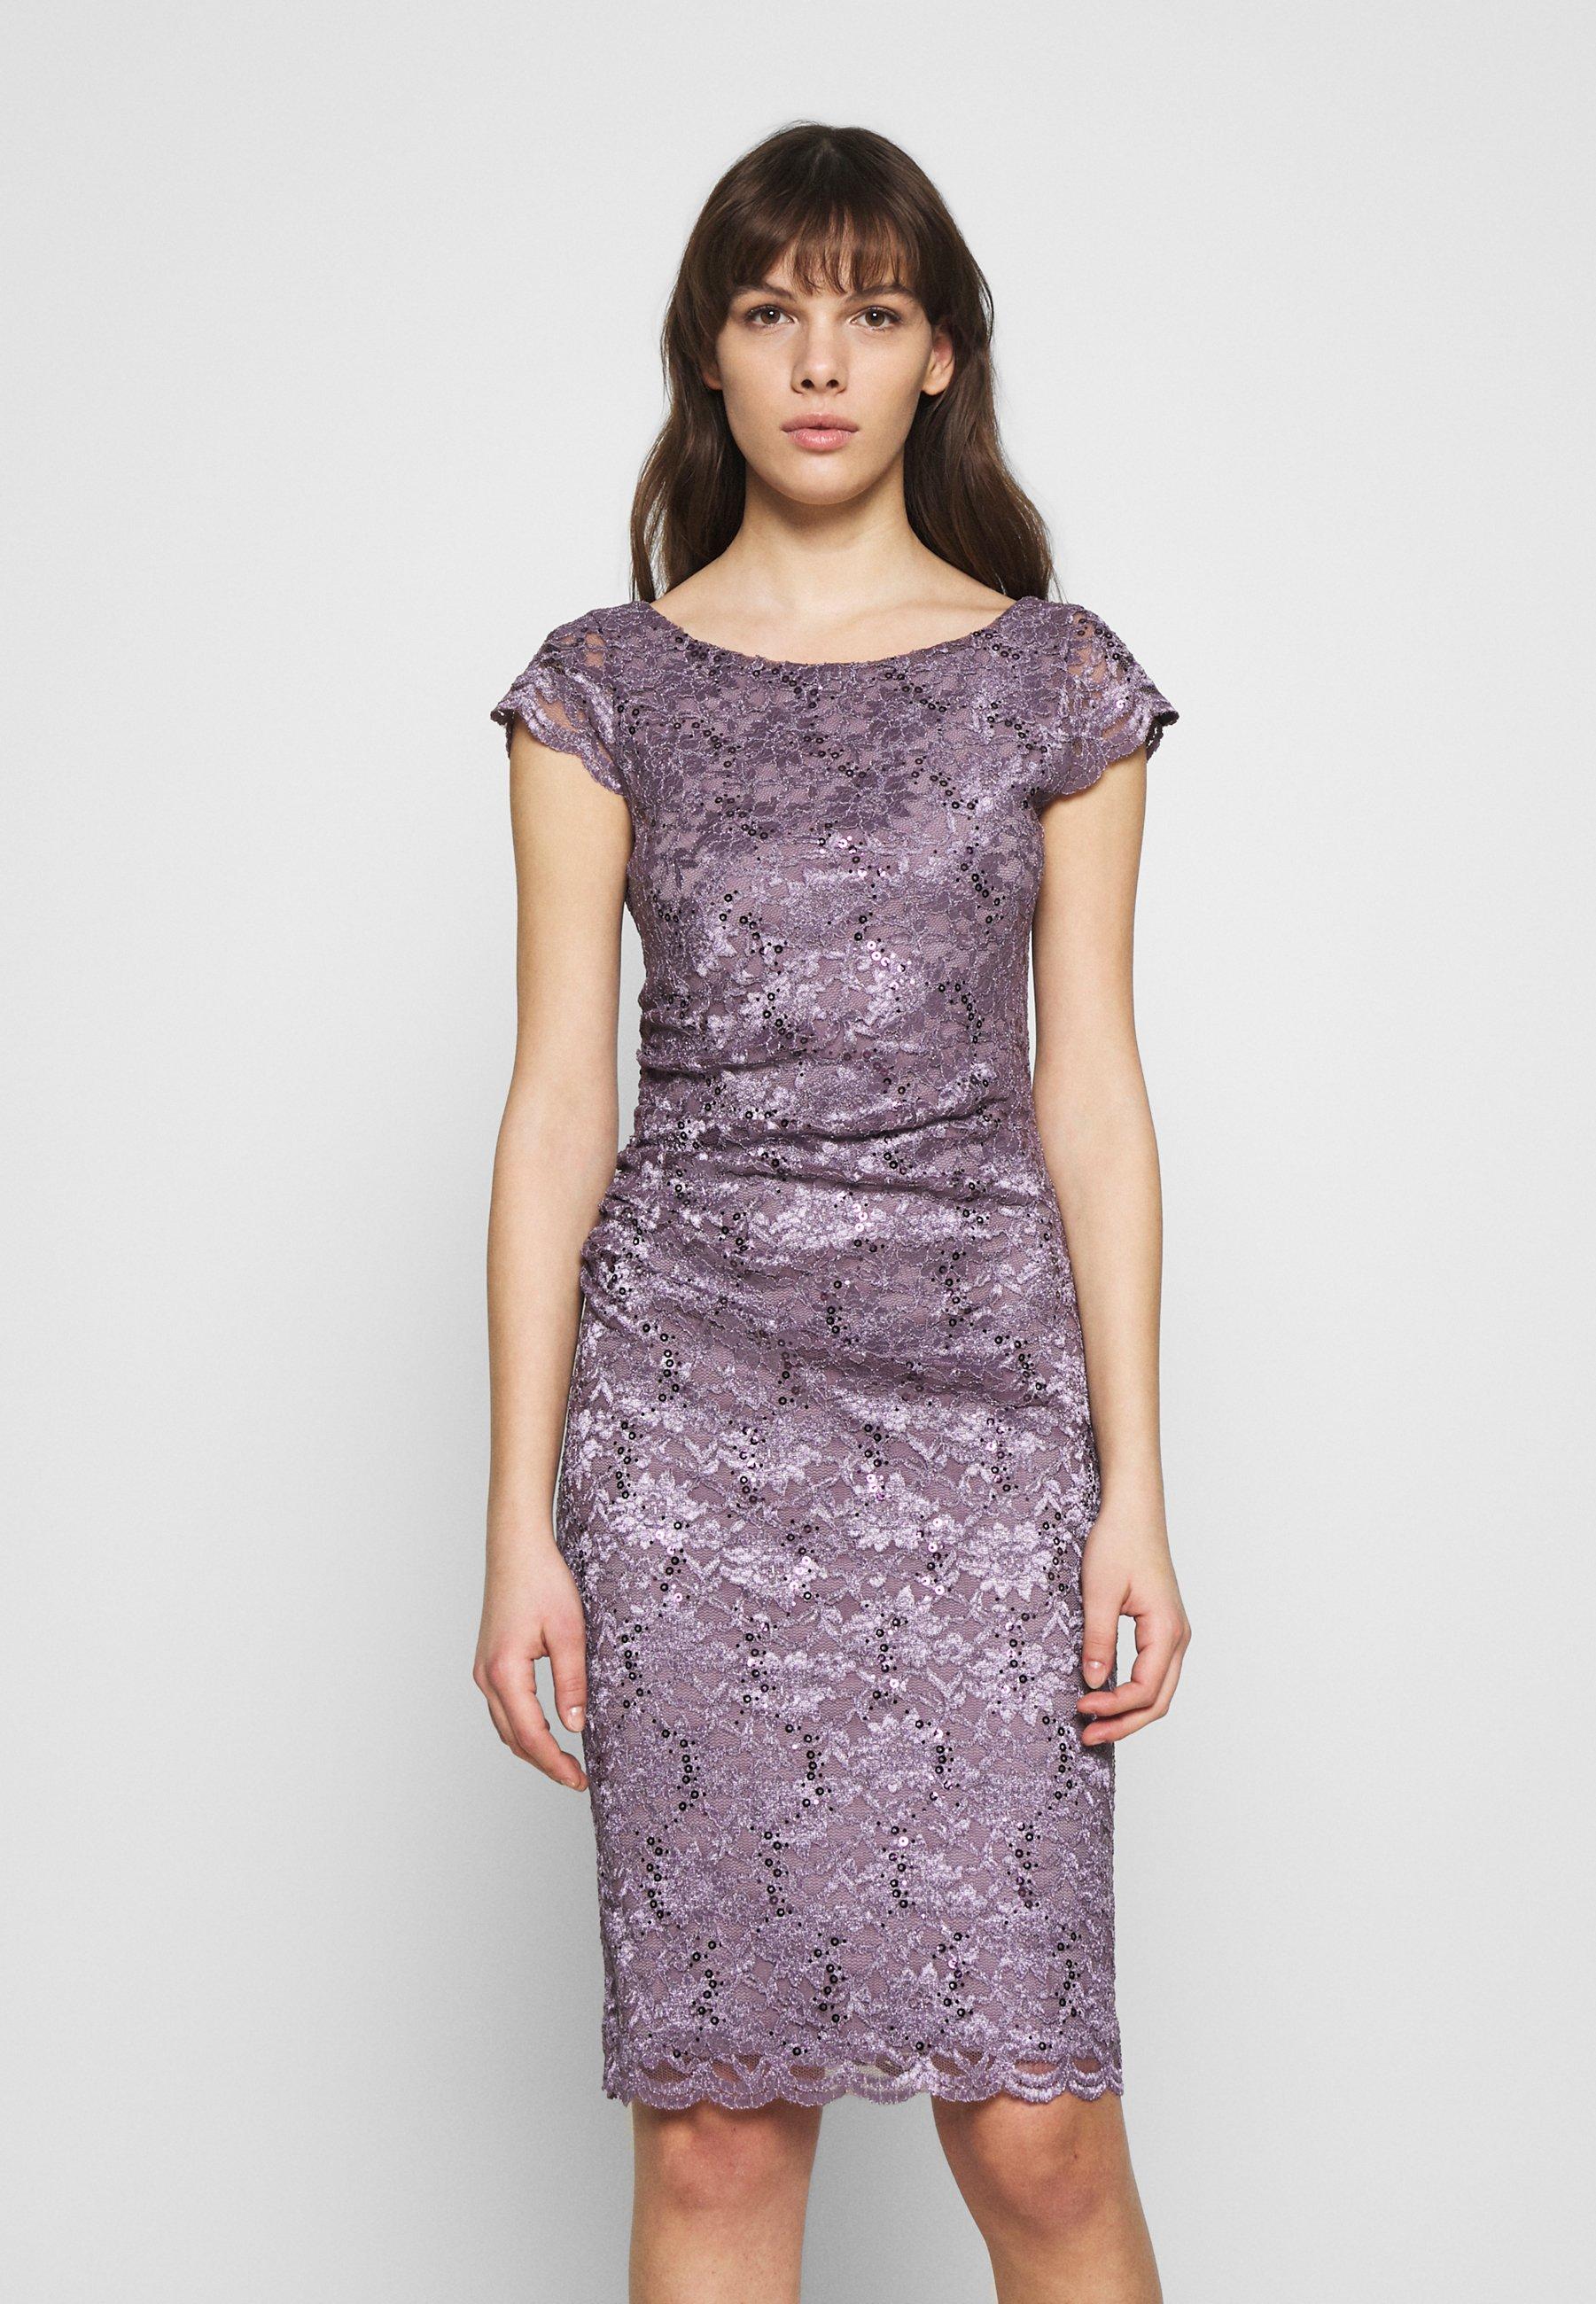 Cocktailkleid/festliches Kleid - grau/violett